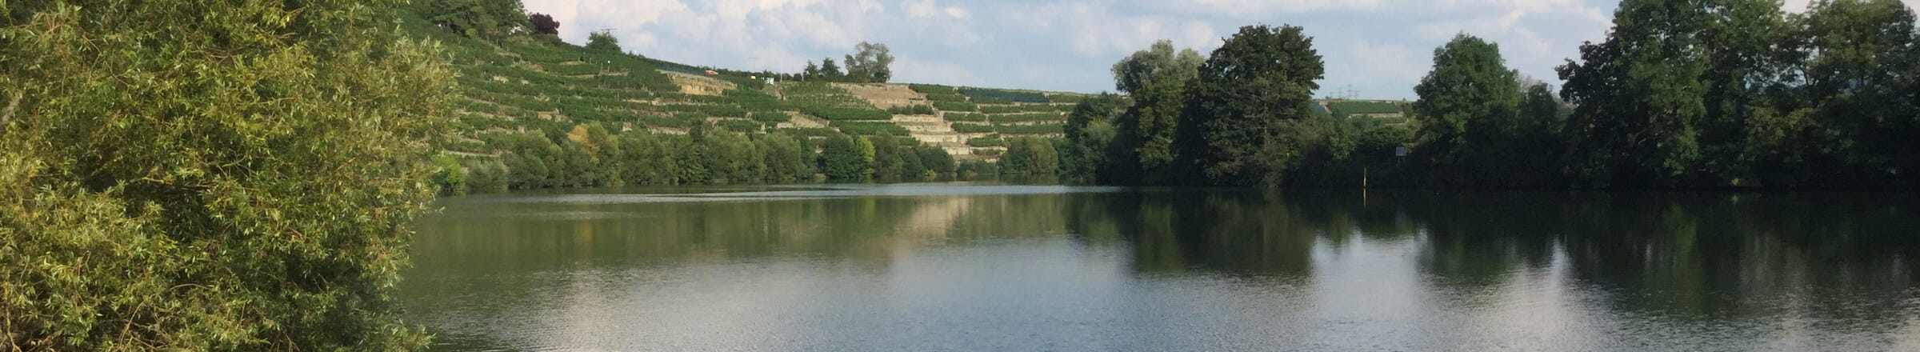 Kirchheim am Neckar - Lauffen - Neckarradweg